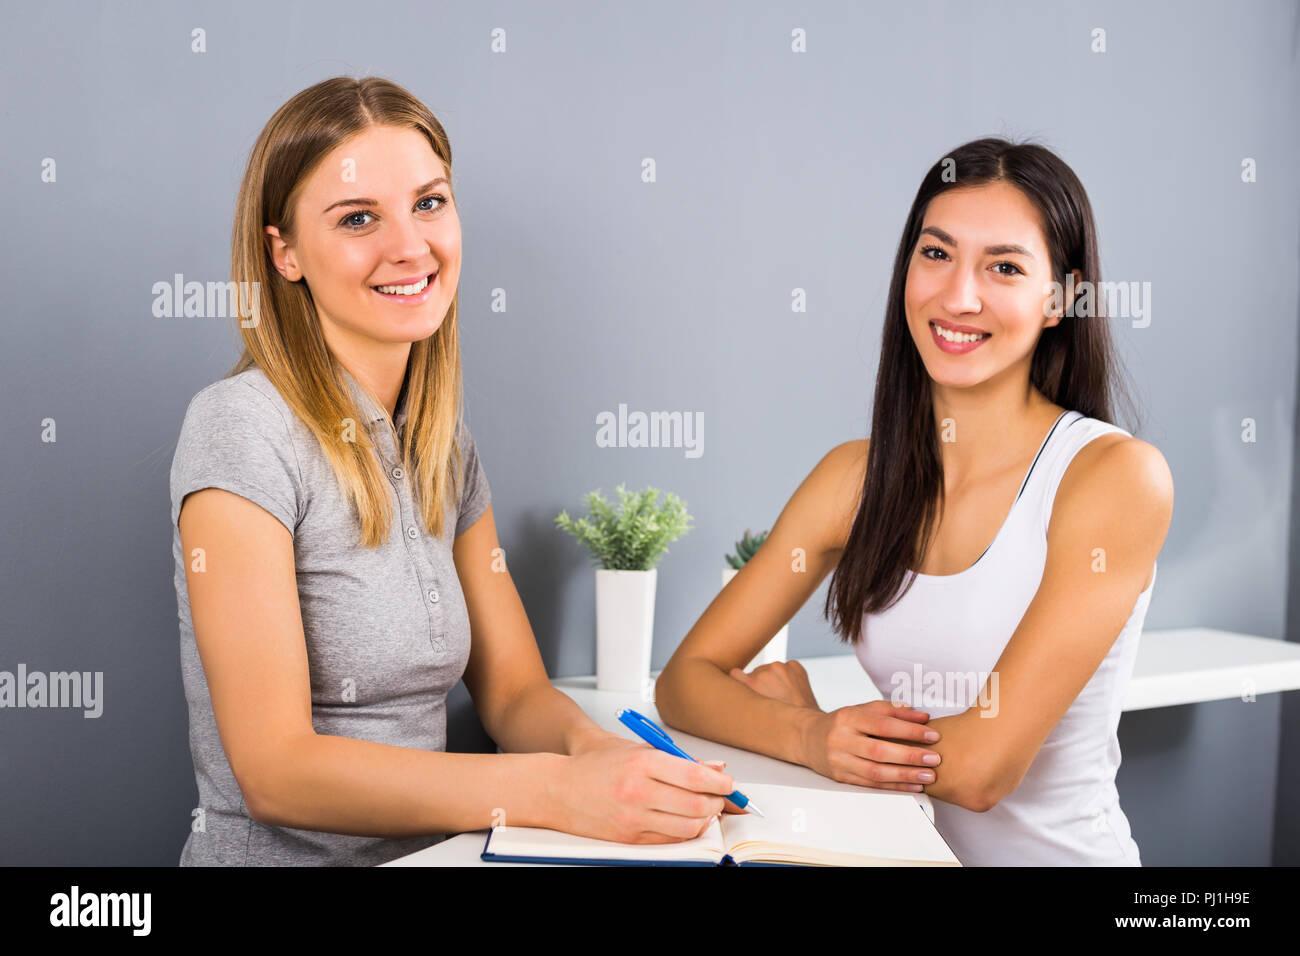 Mujer recepcionista del gimnasio deportivo y una mujer con la conversación acerca de la composición y el ejercicio. Imagen De Stock